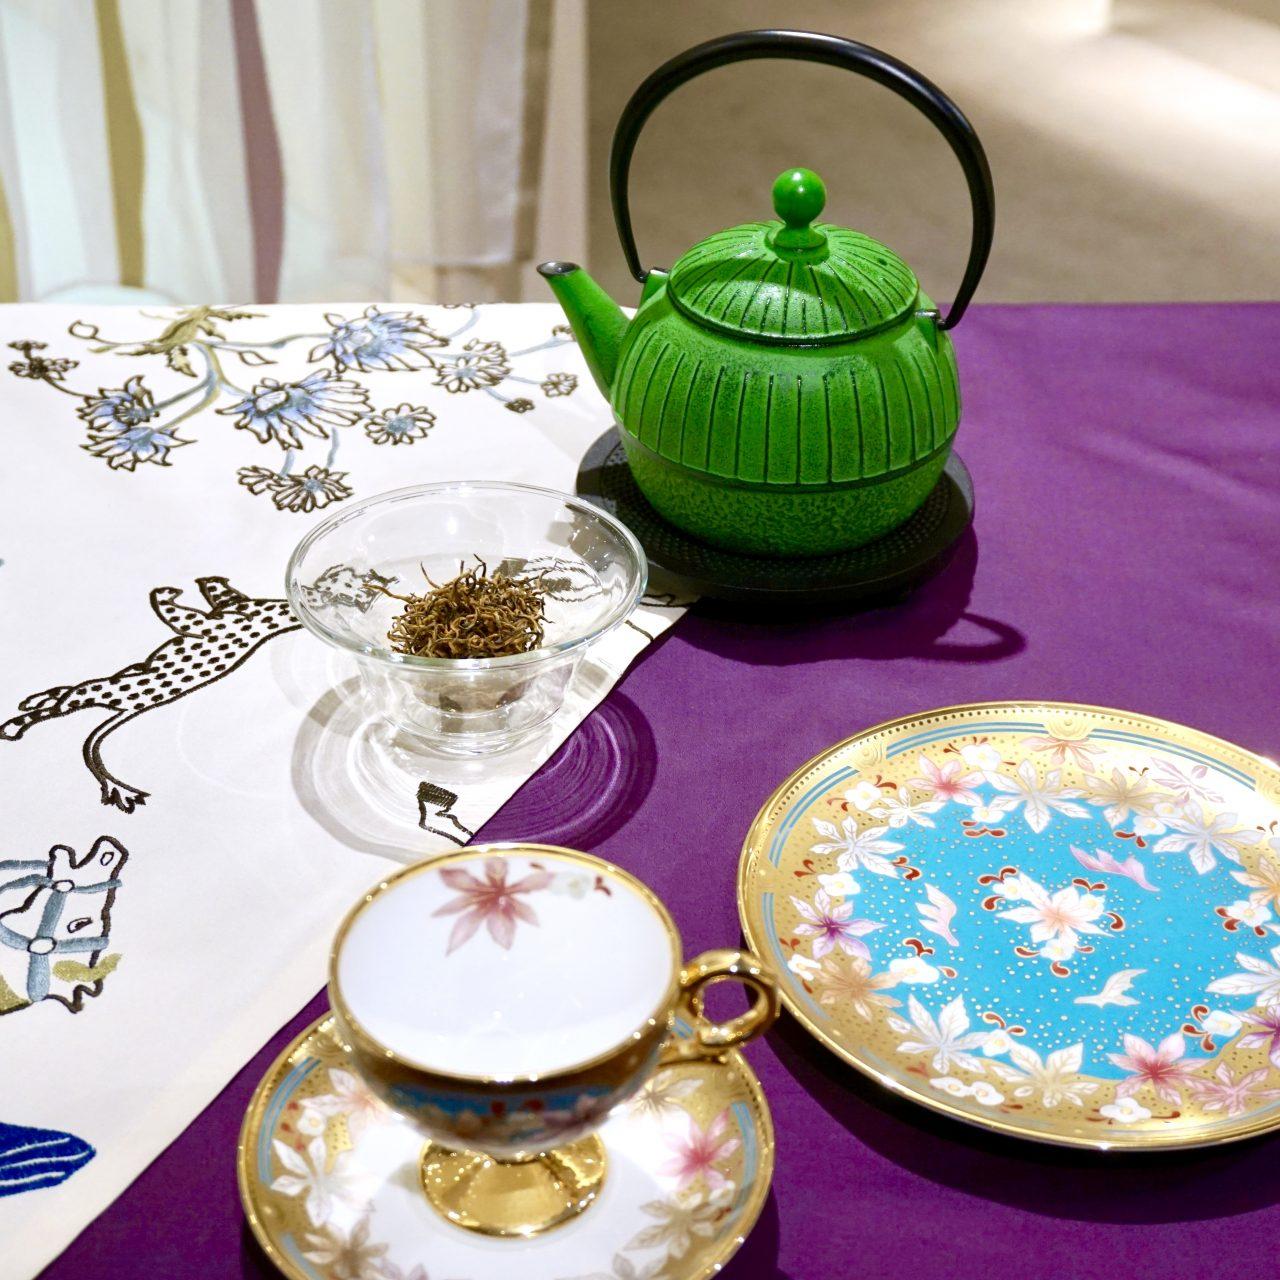 お茶ではじまりお茶で終わる中国茶の愉しみ方